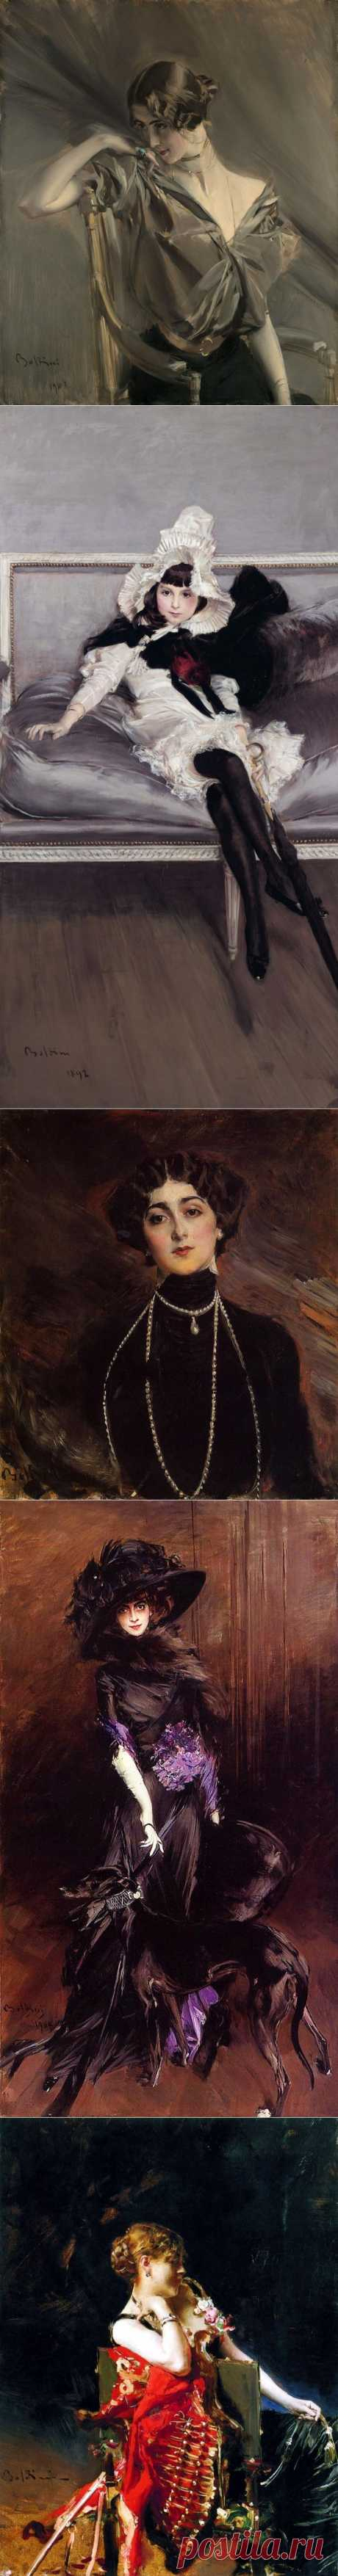 Итальянский живописец Джованни Болдини (1842-1931)